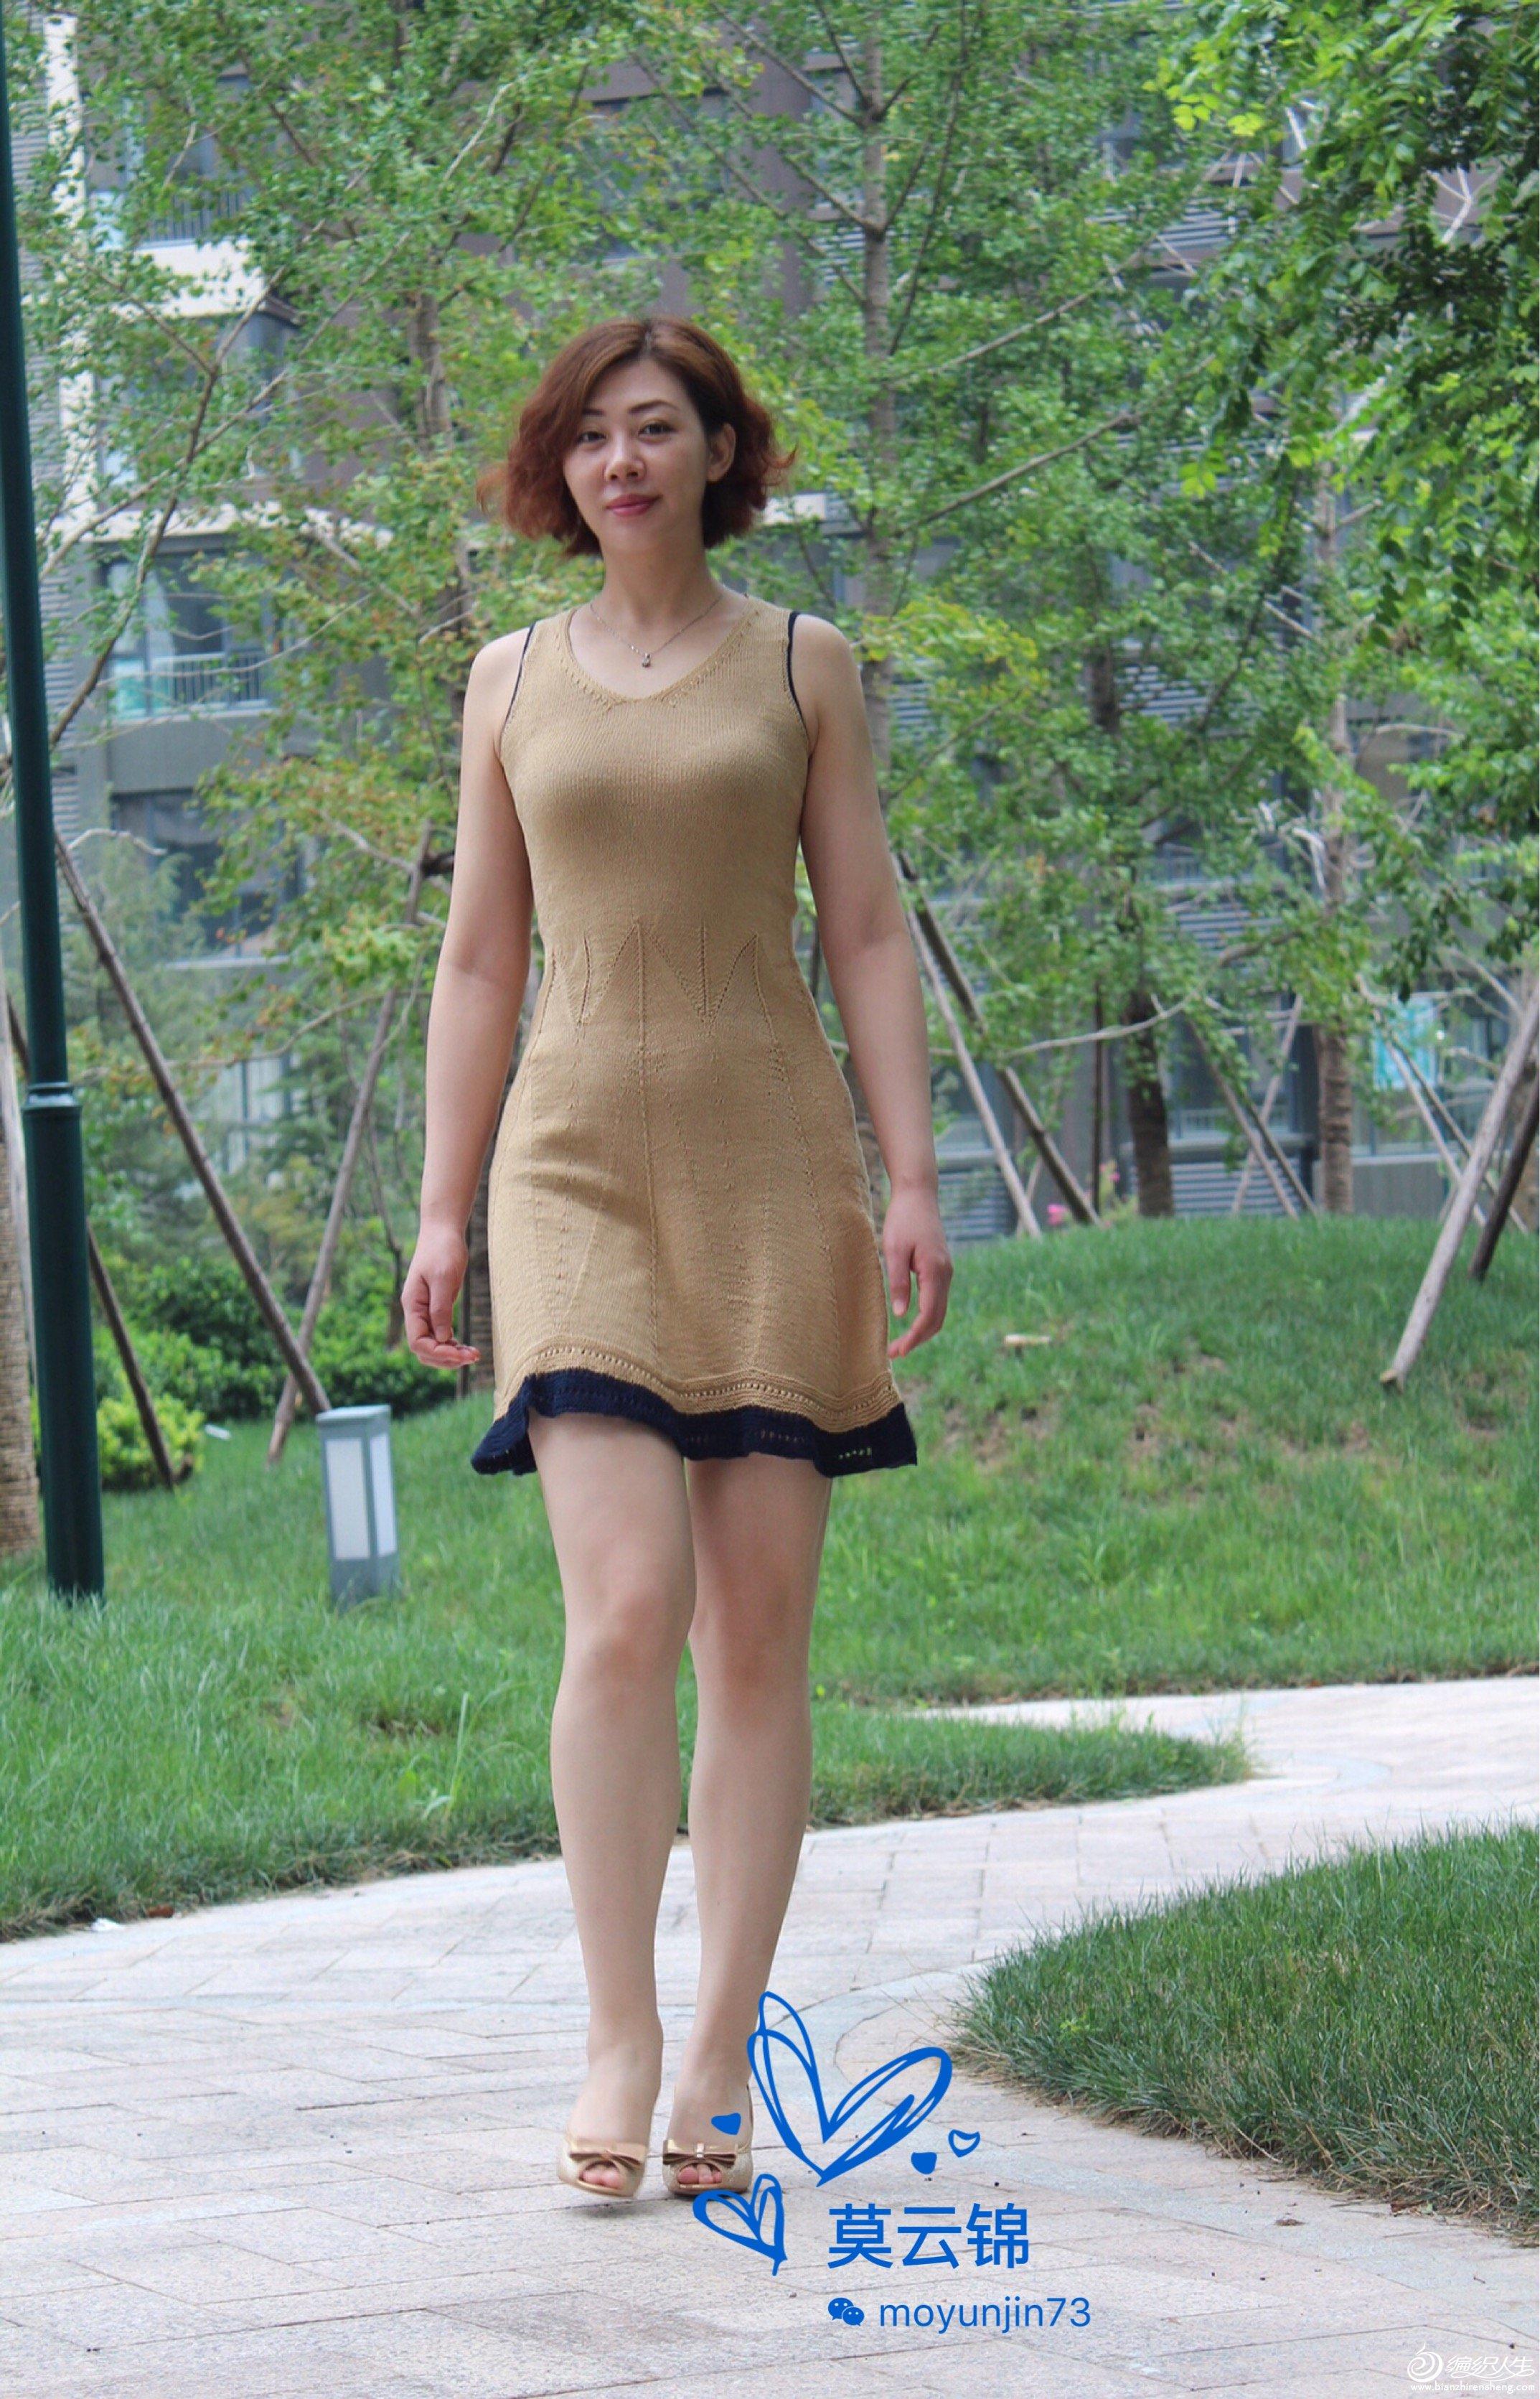 棒针背心裙